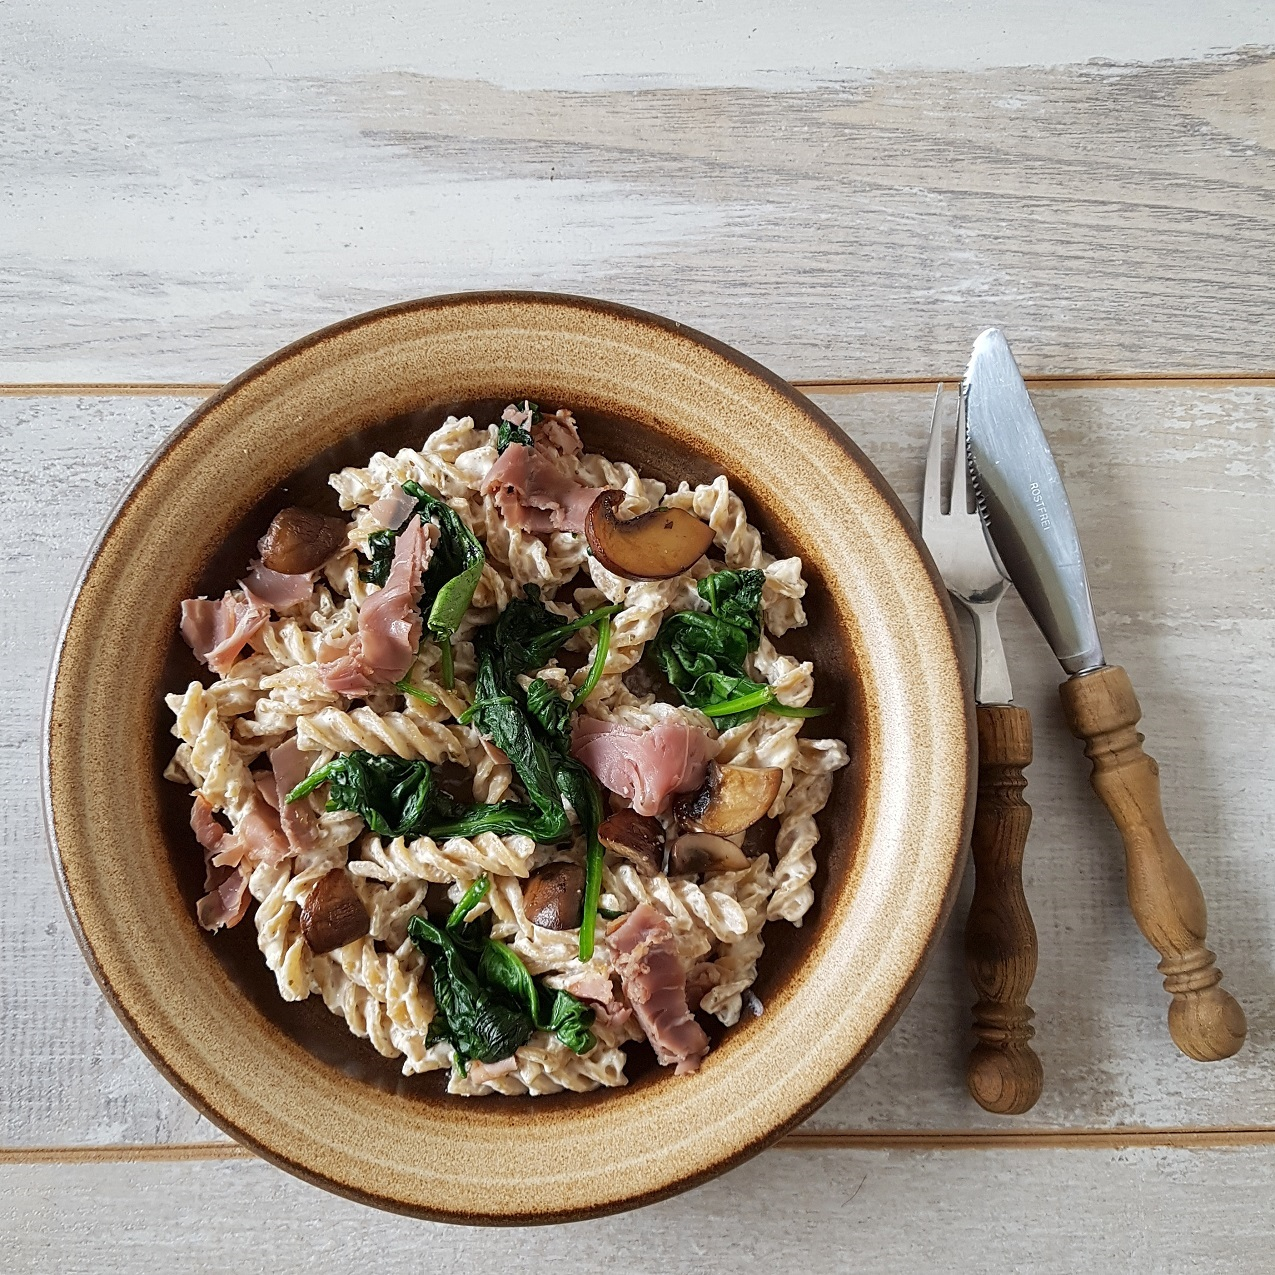 Fusili met rauwe ham en champignons